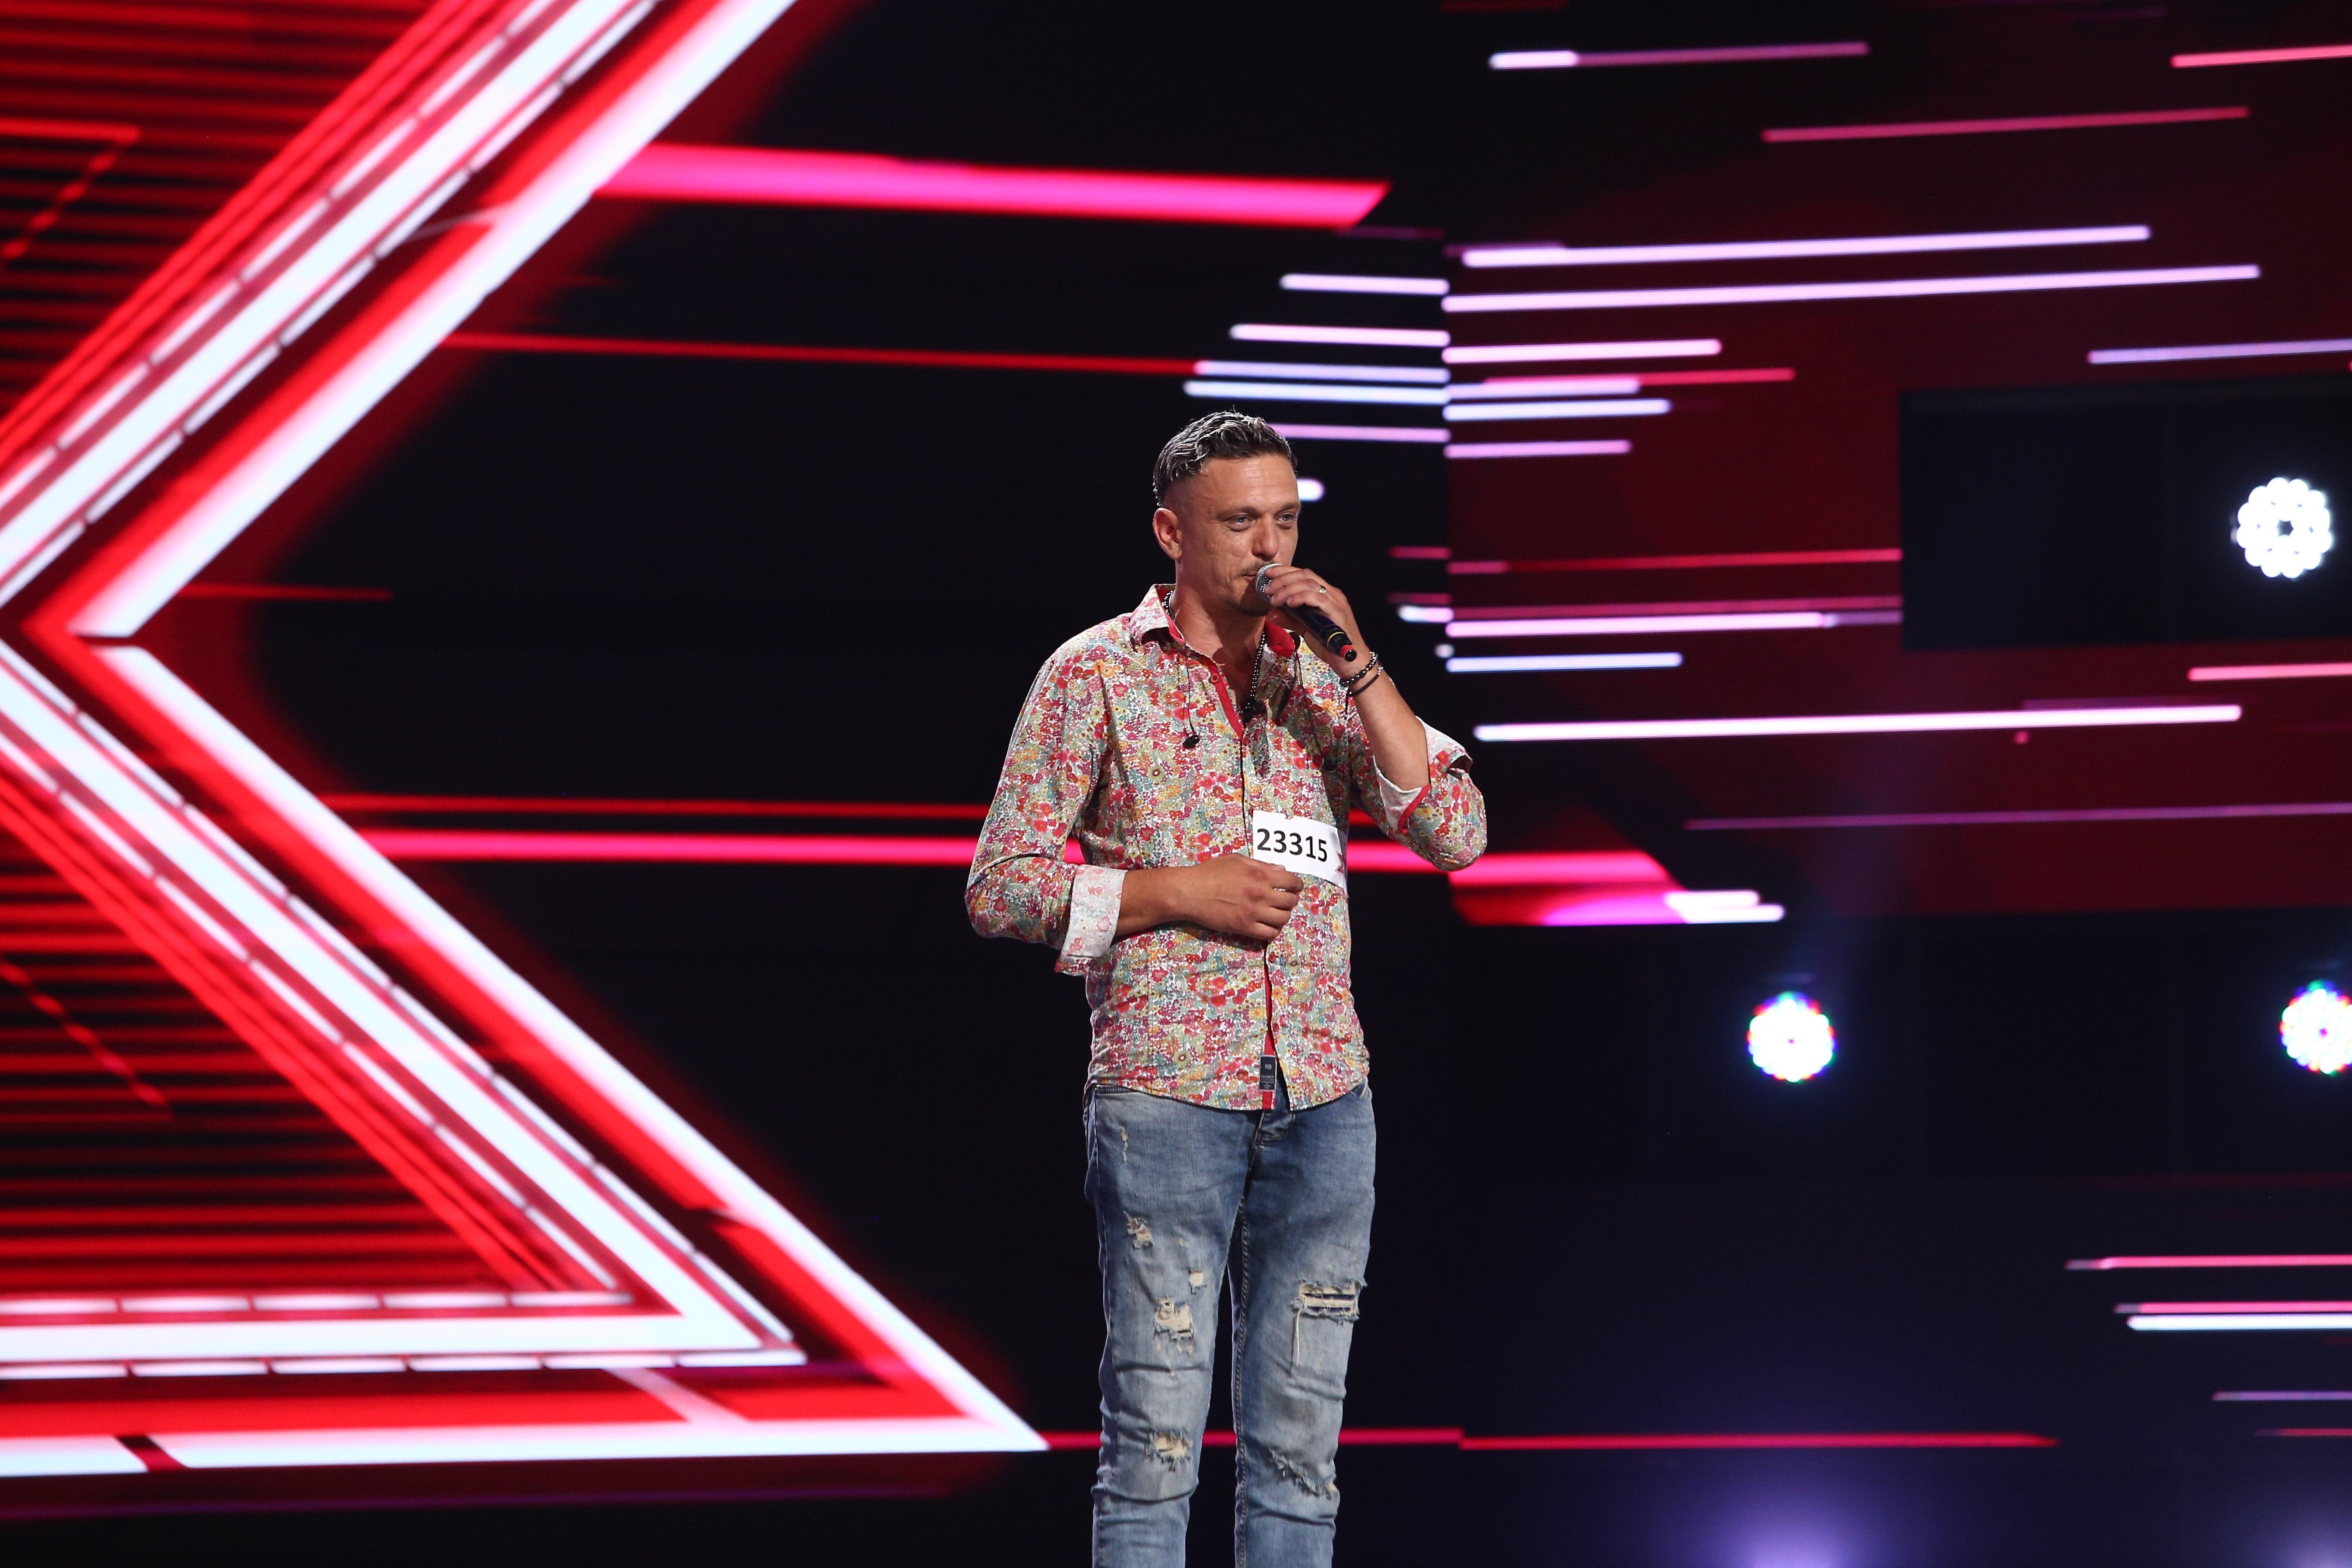 X Factor 2021, 10 septembrie. Radu Felix Bădilă, vocea-surpriză care l-a impresionat pe Ștefan Bănică cu piesa Tennessee Whiskey